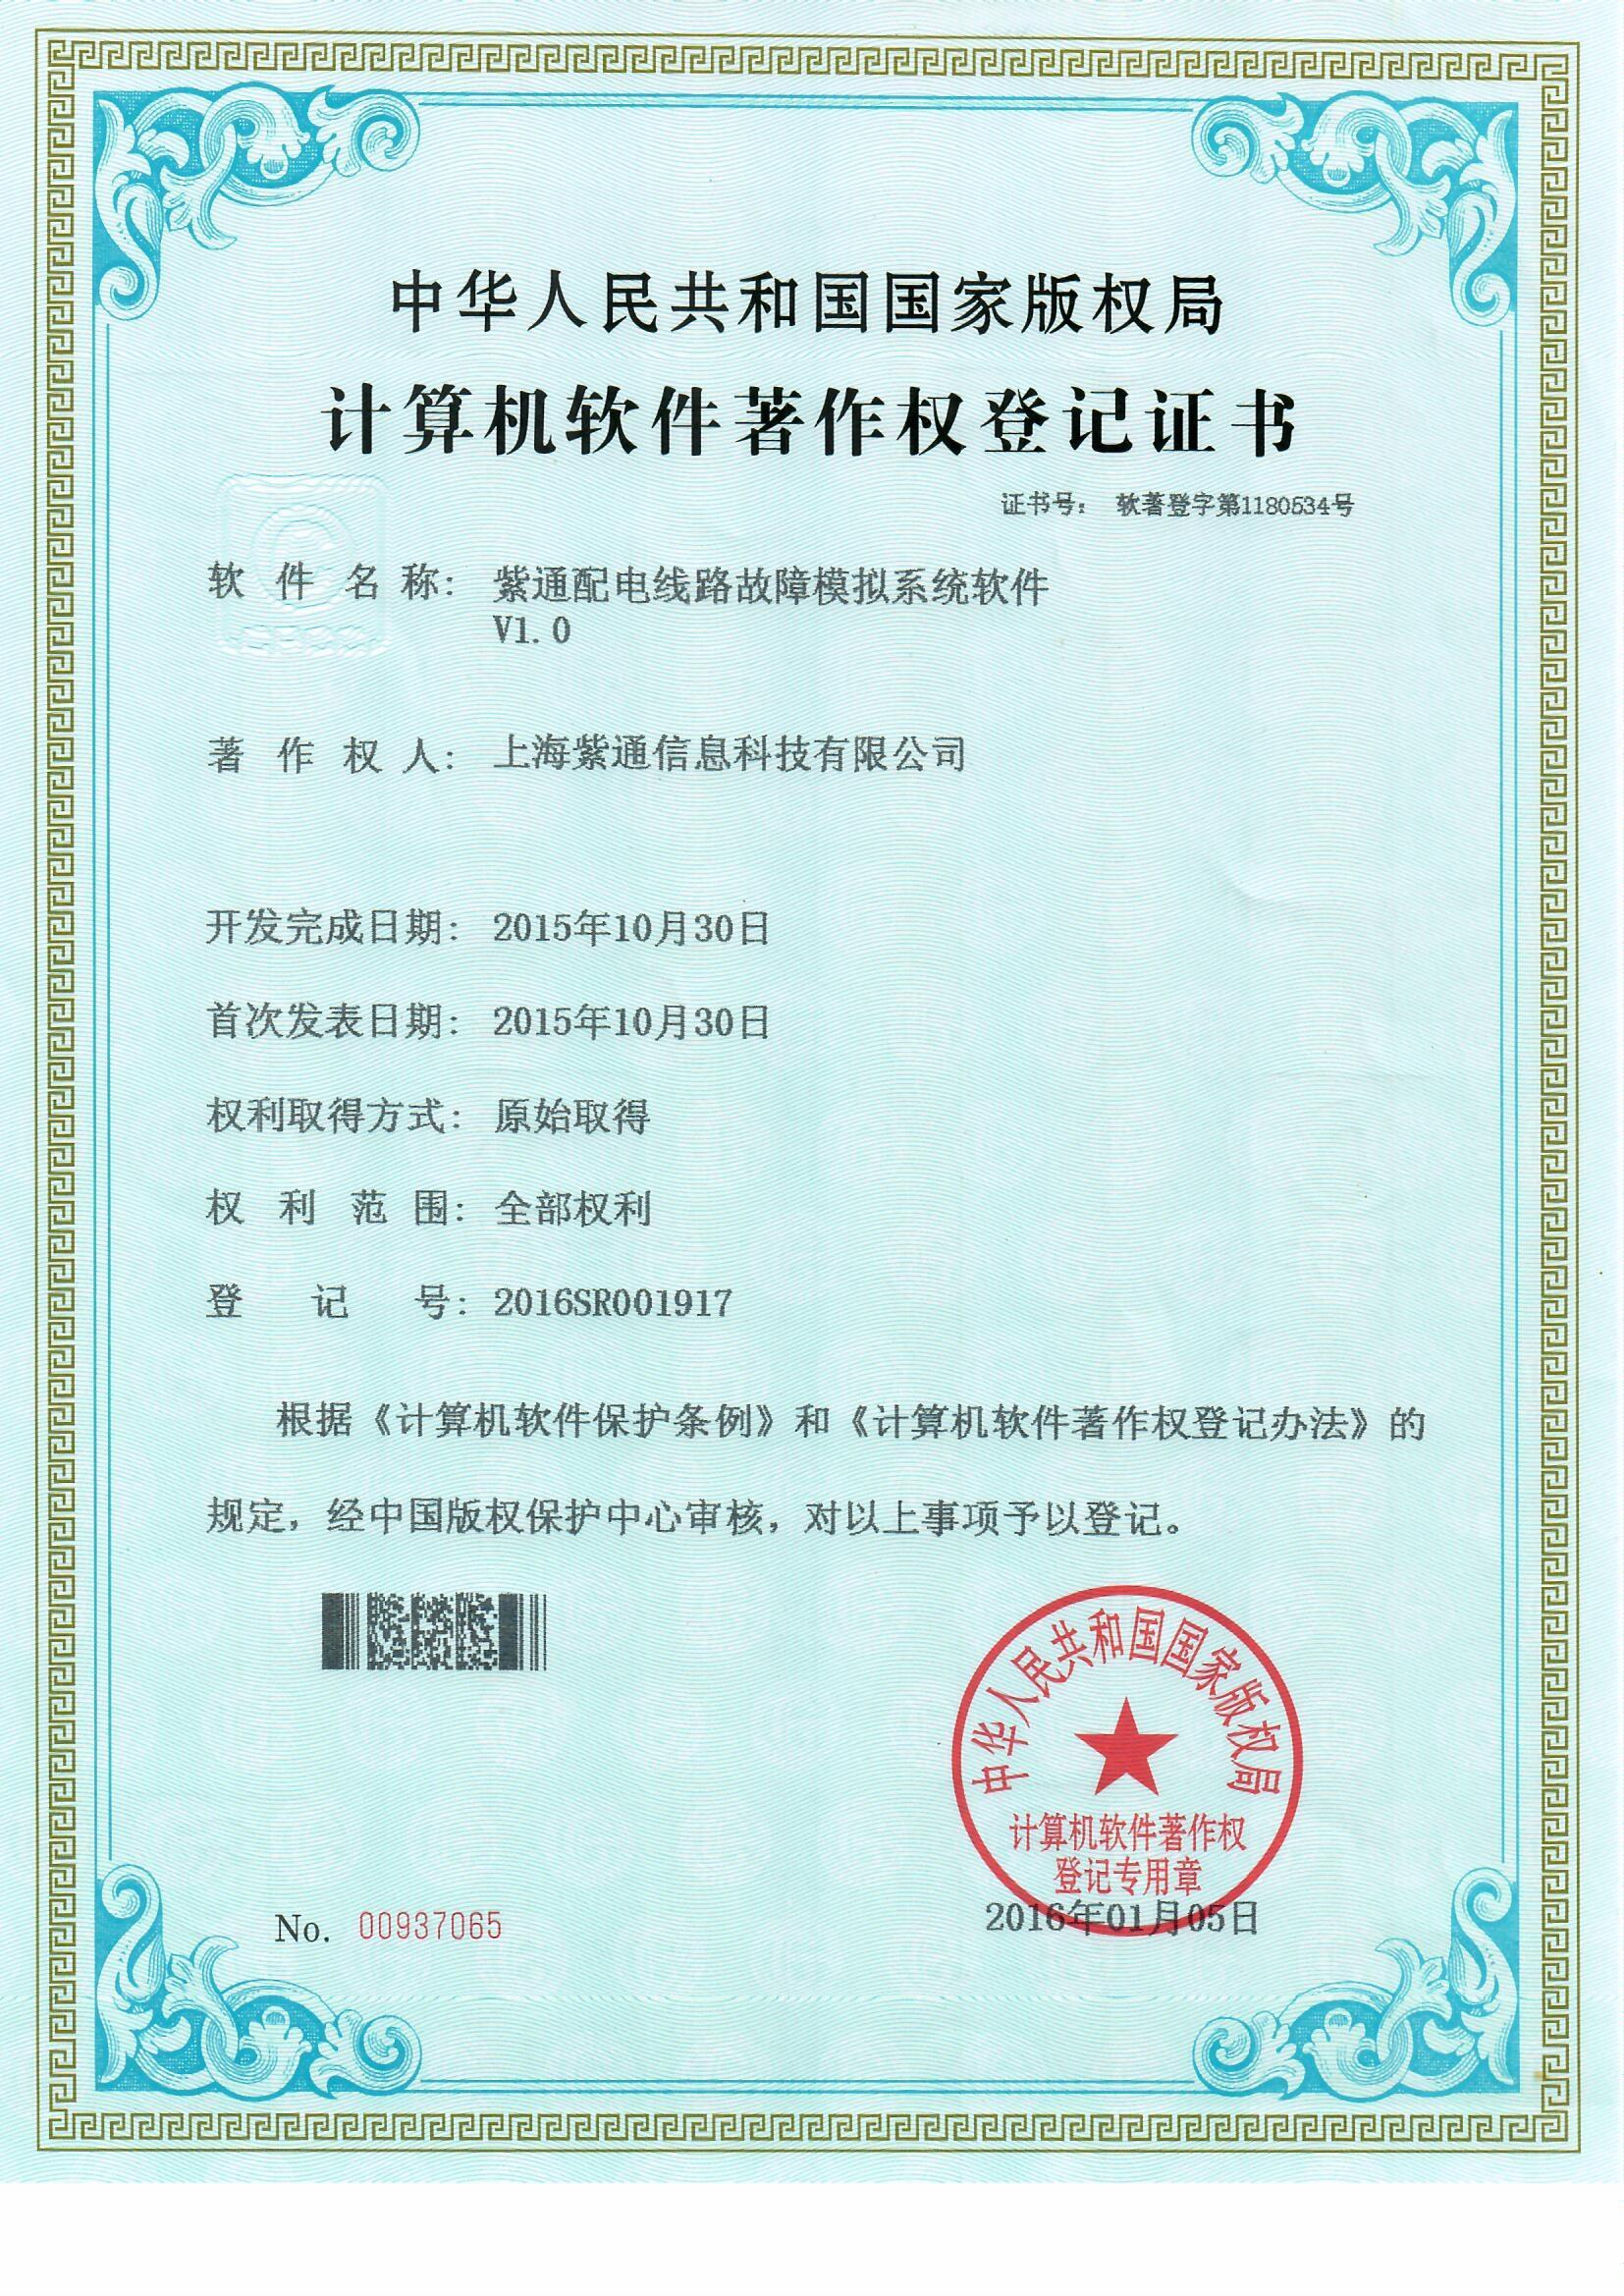 软件著作权登记证书0005